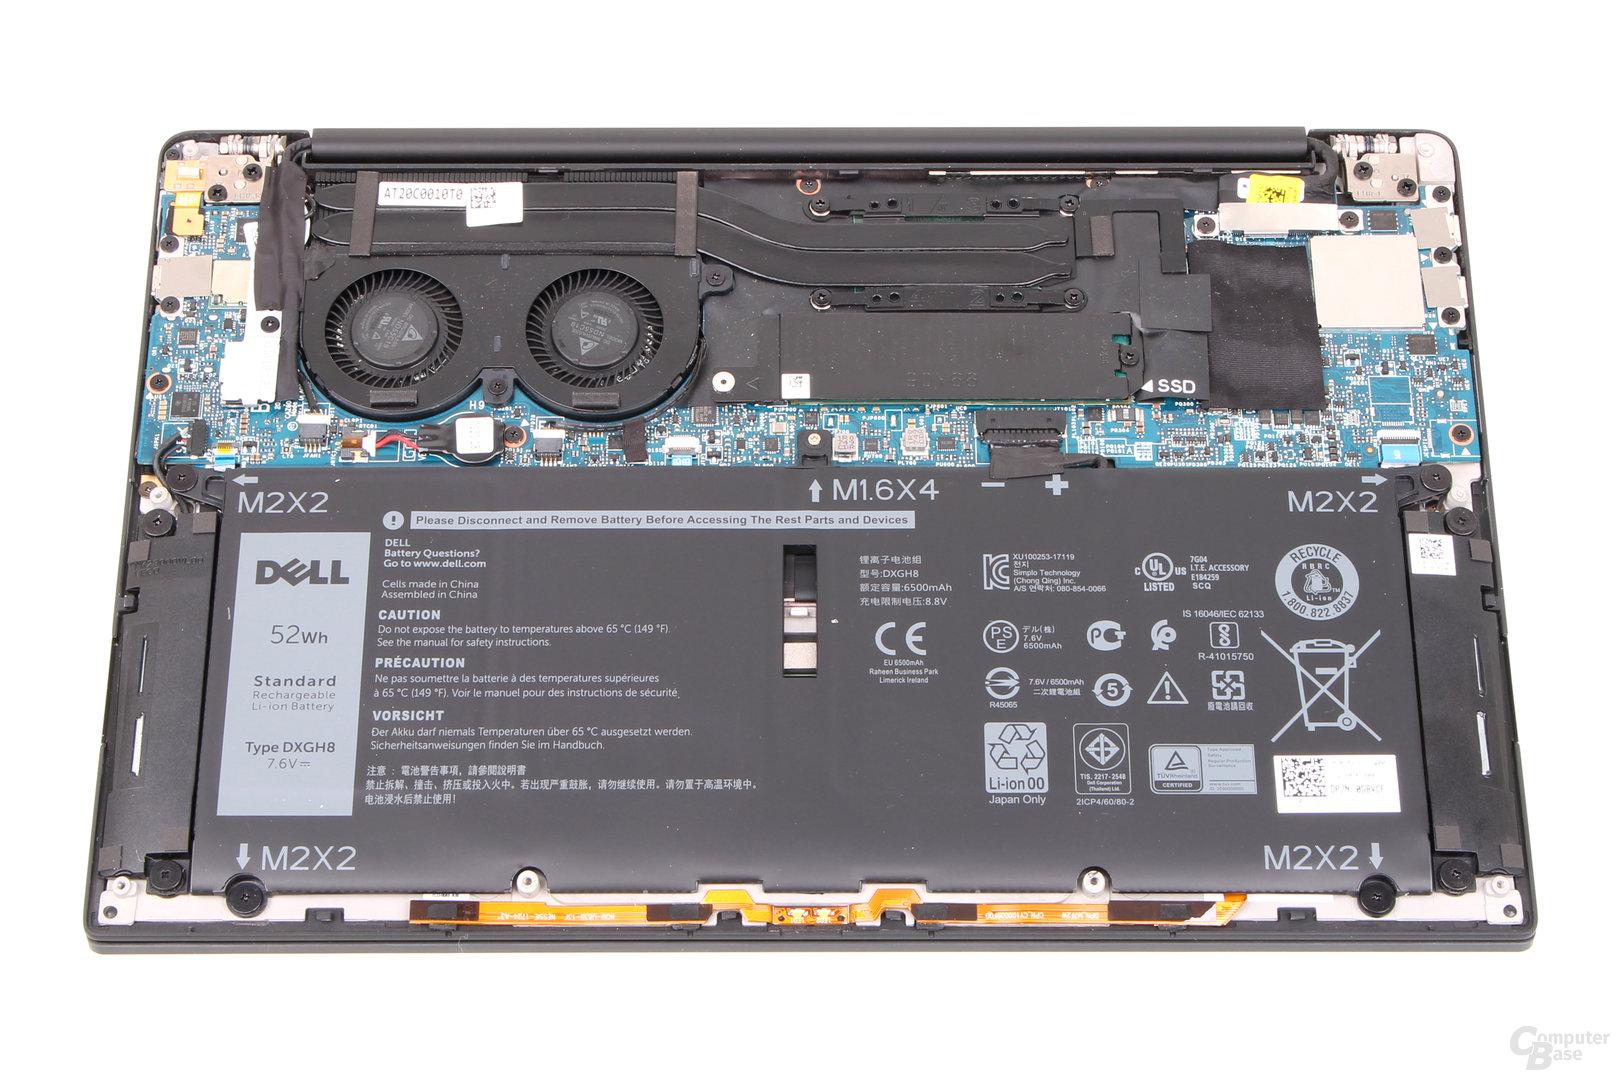 Dell XPS 13 (9370) im geöffneten Zustand